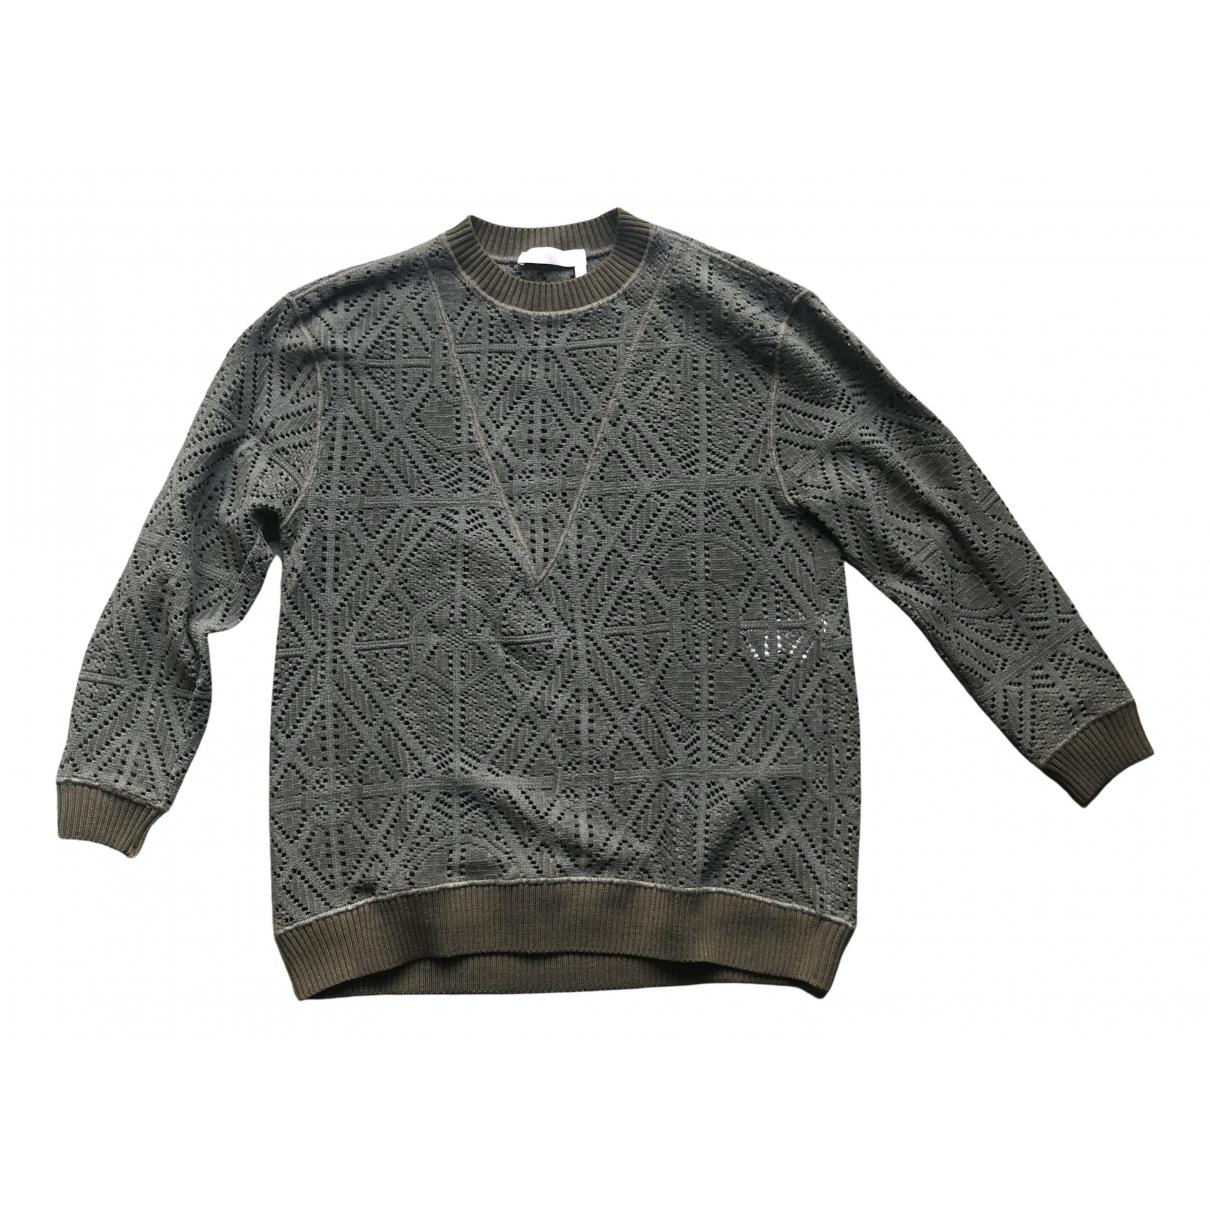 See By Chloé \N Khaki Knitwear for Women S International